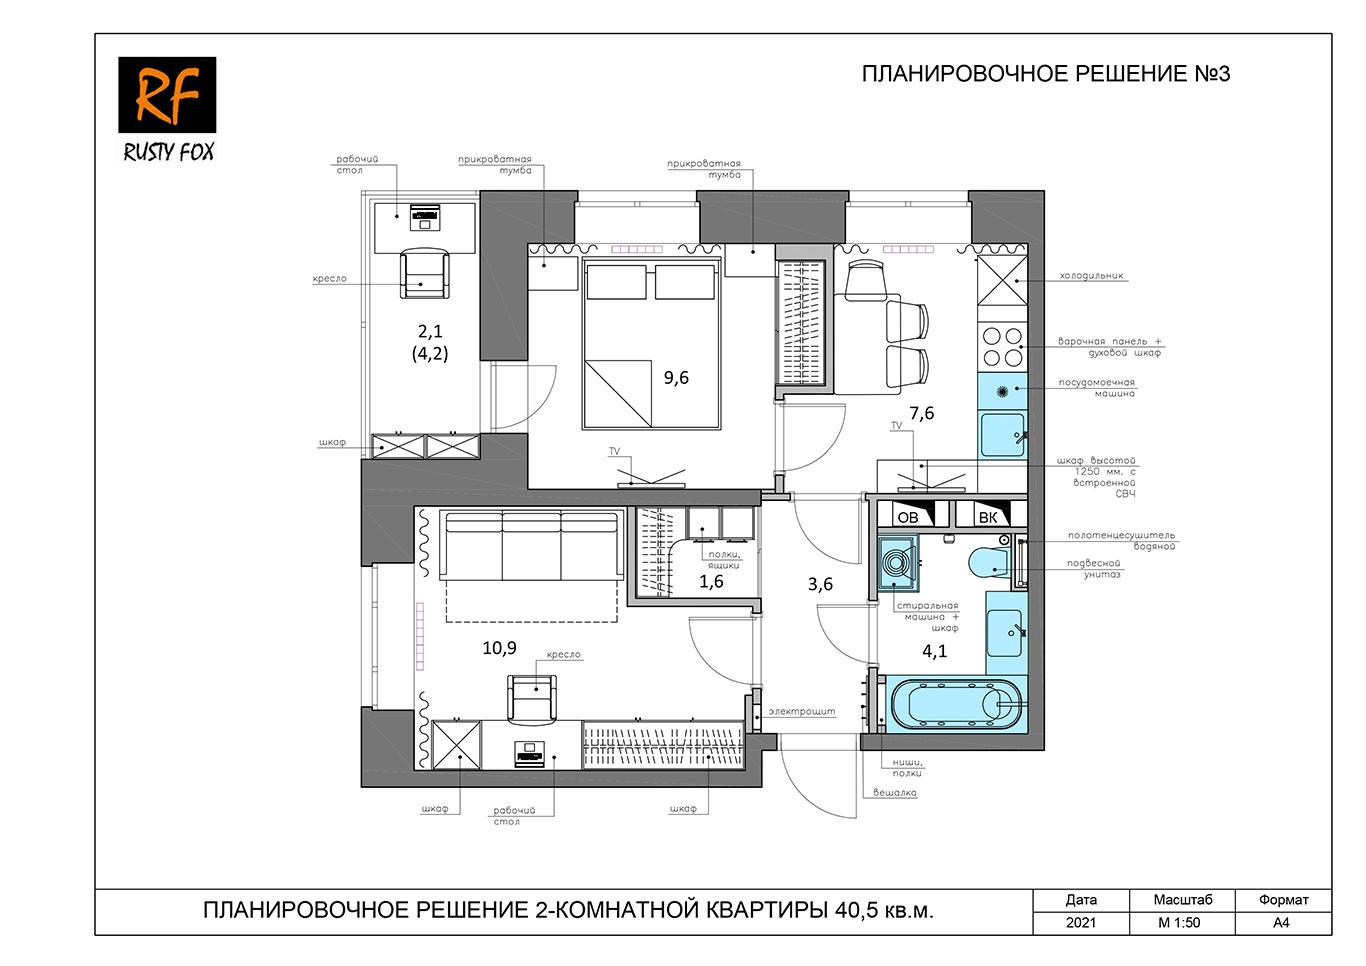 ЖК Люберцы корпус 52, секция 1. Планировочное решение №3 2-комнотная квартира 40,5 кв.м.